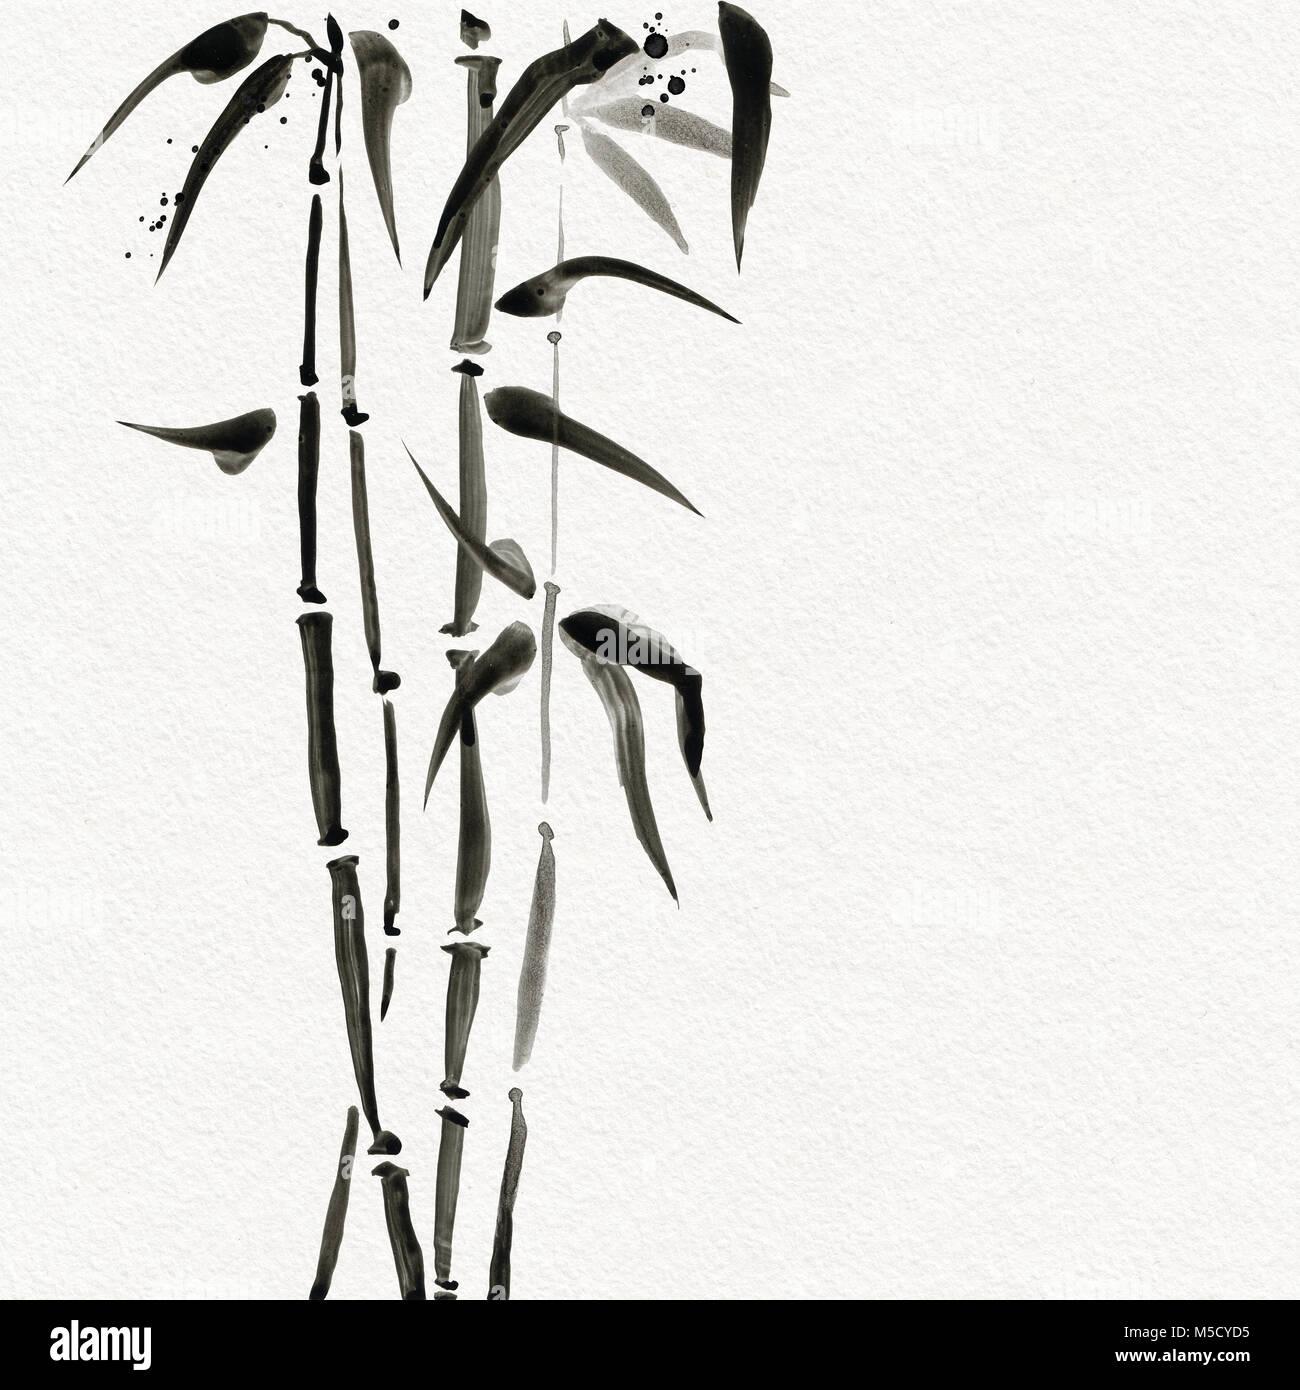 Erstaunlich Bambus Bäume Im Japanischen Stil. Aquarell Malerei Illustration